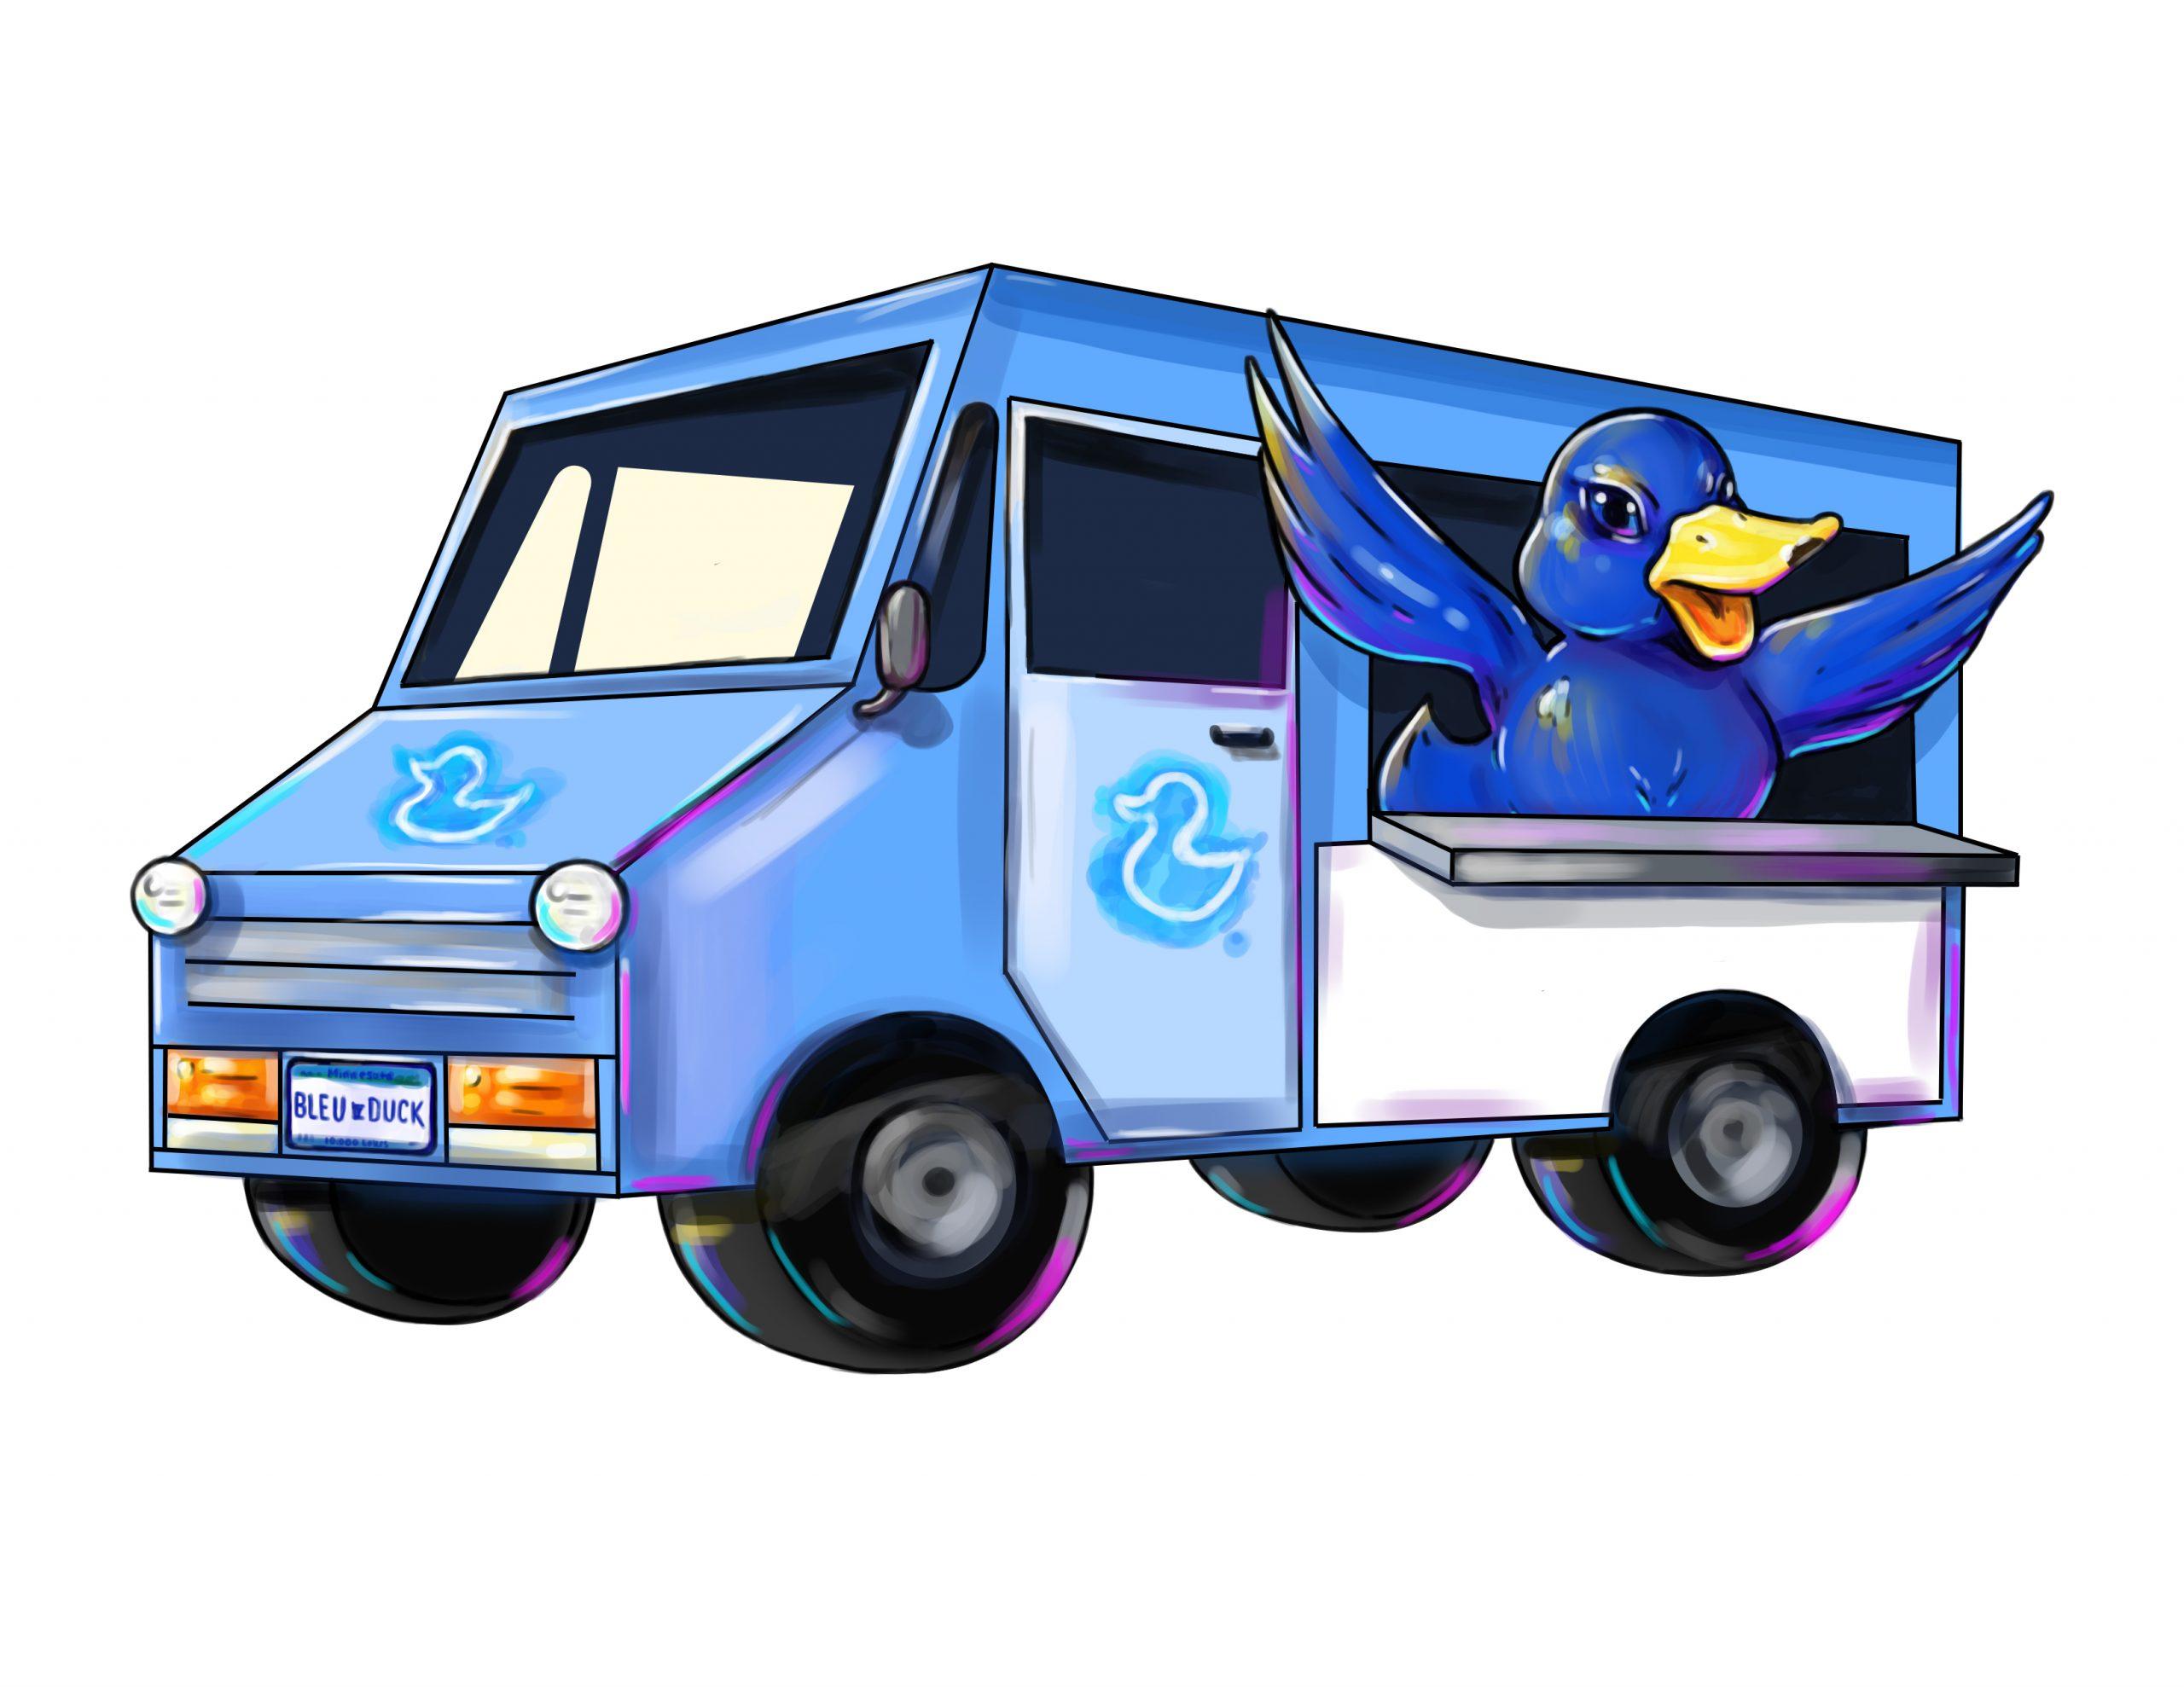 Bleu Duck Truck